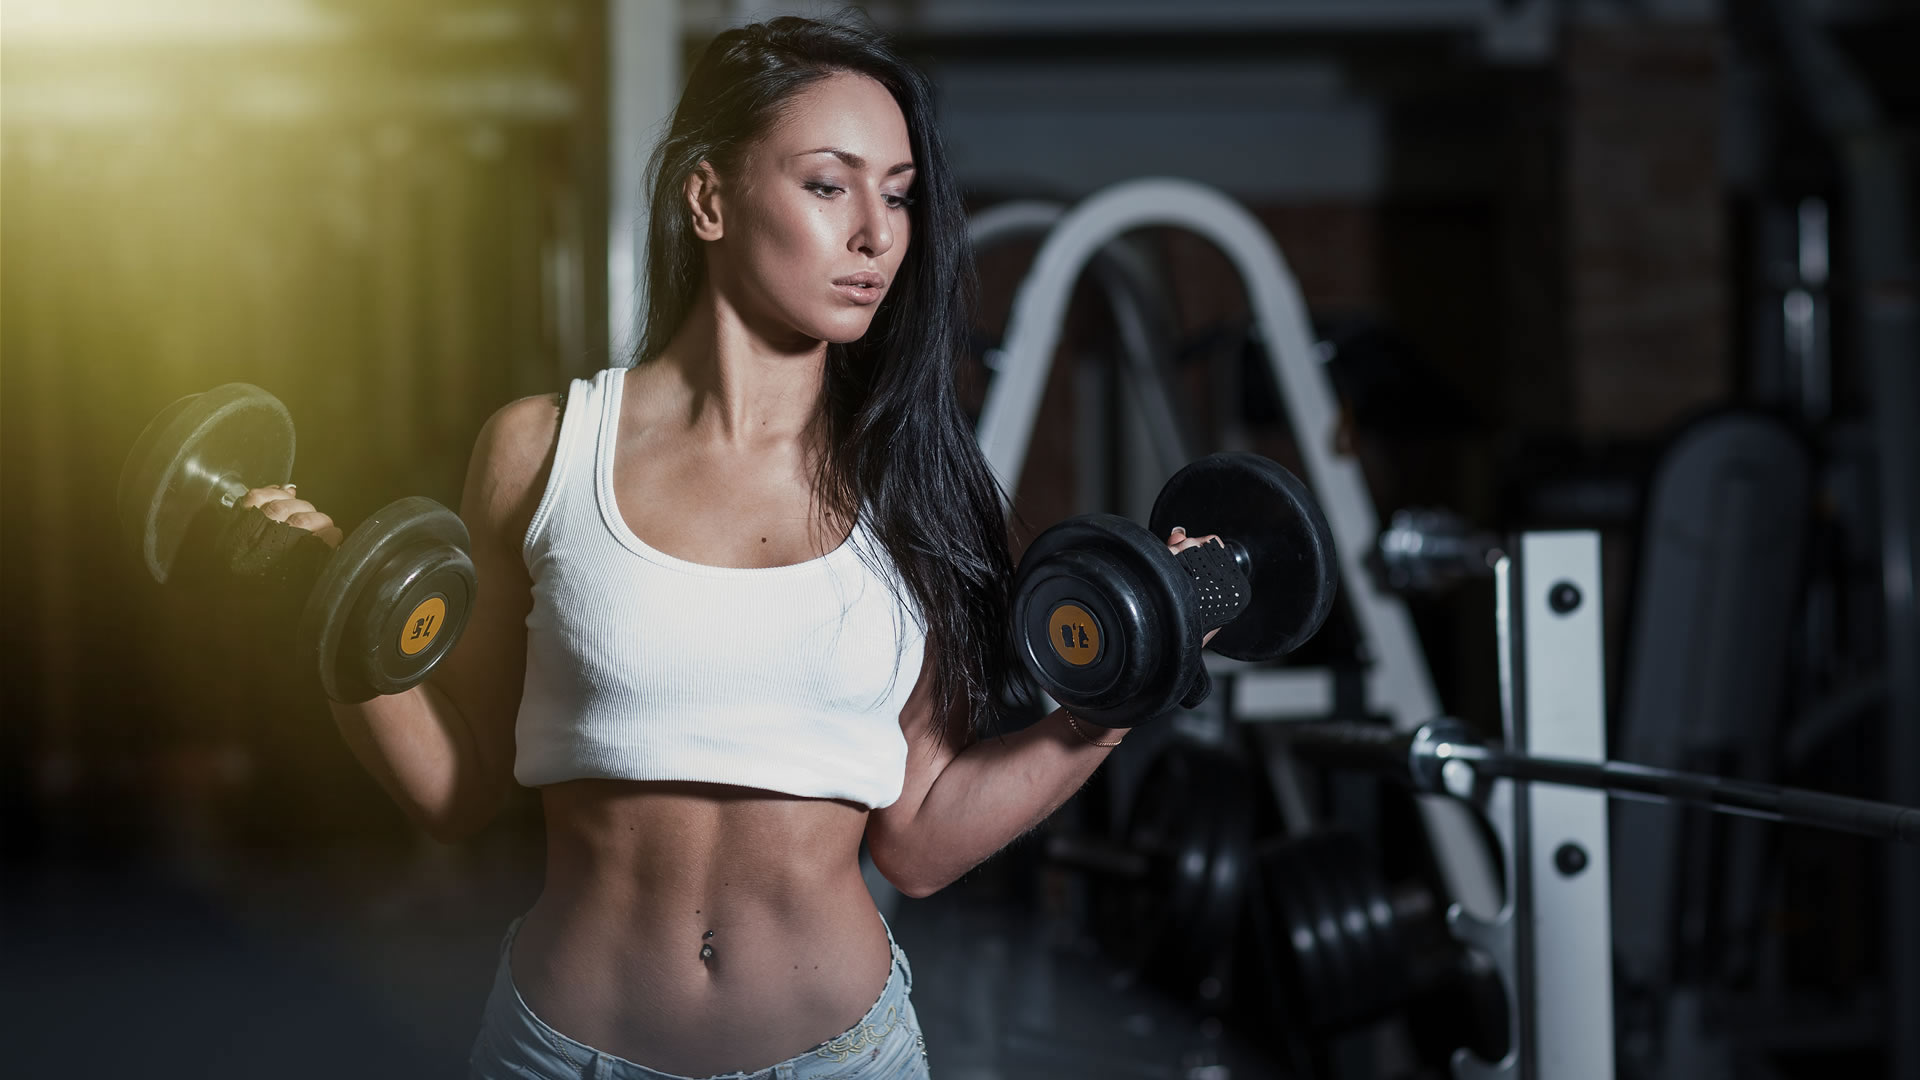 como debo hacer pesas para bajar de peso